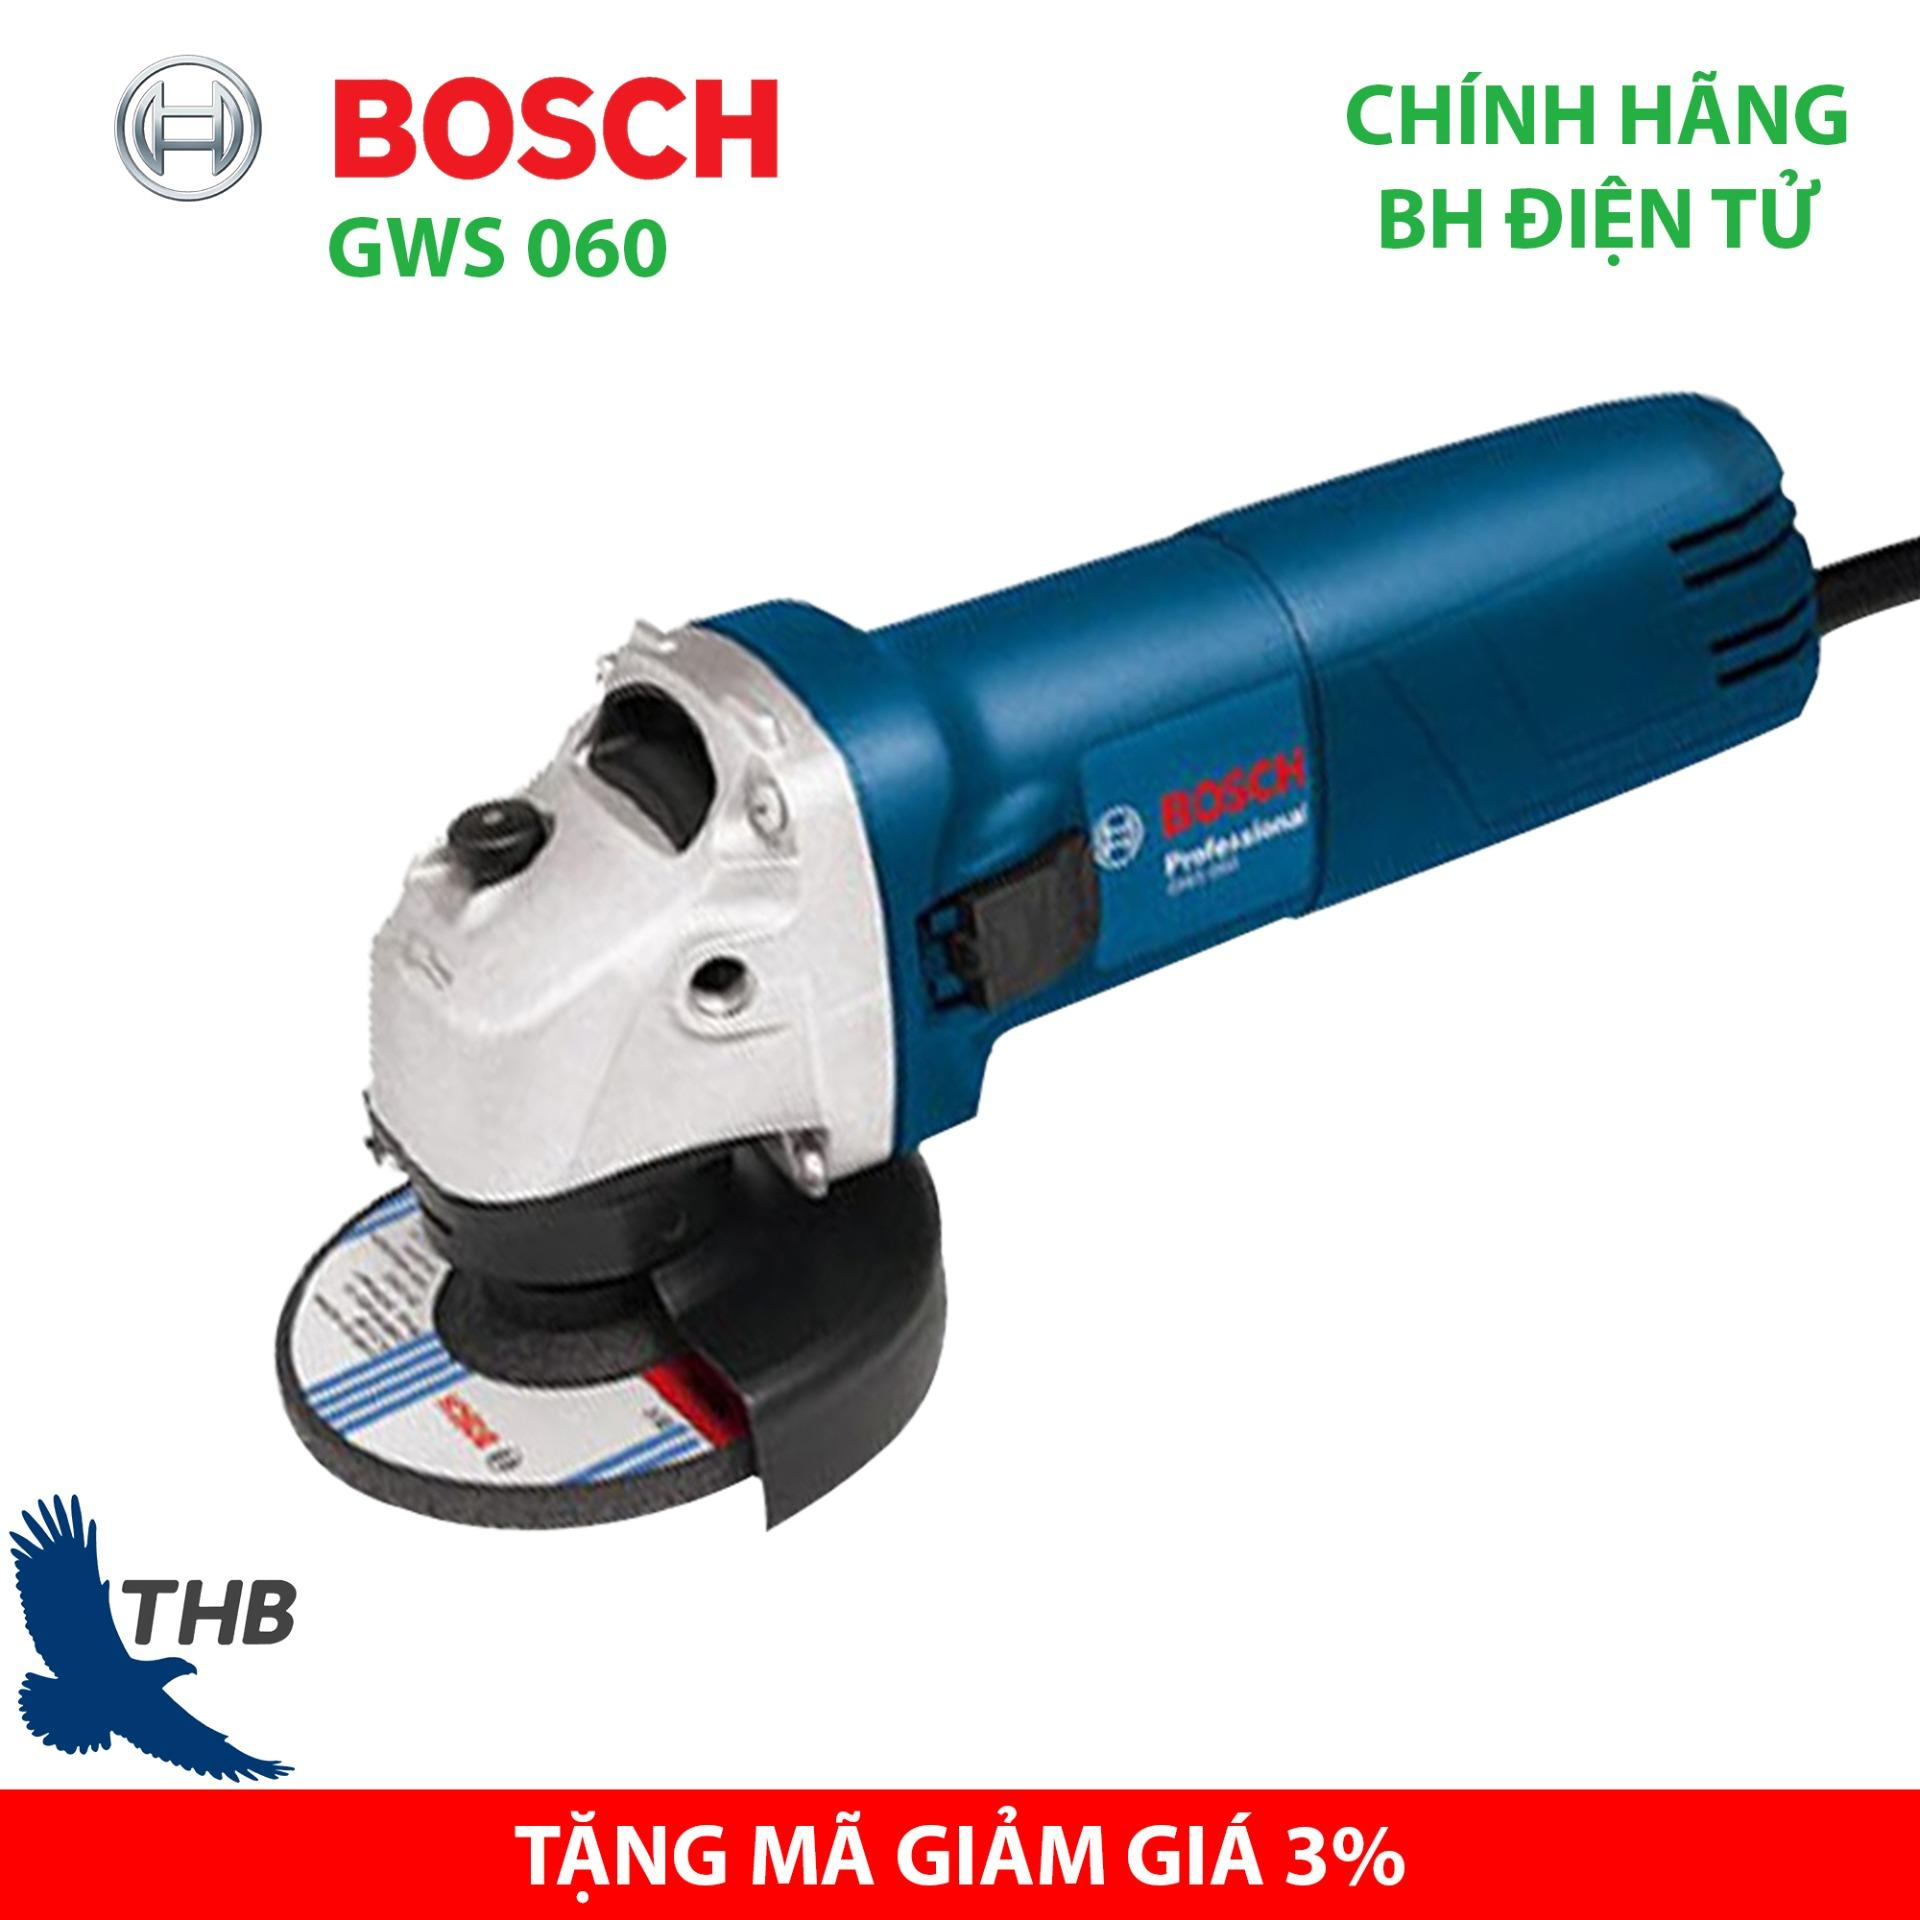 Máy mài góc nhỏ Máy cắt sắt cầm tay Bosch GWS 060 Công suất 670W đá 100 bảo hành 6 tháng - Dòng máy mài bán chạy nhất năm 2019